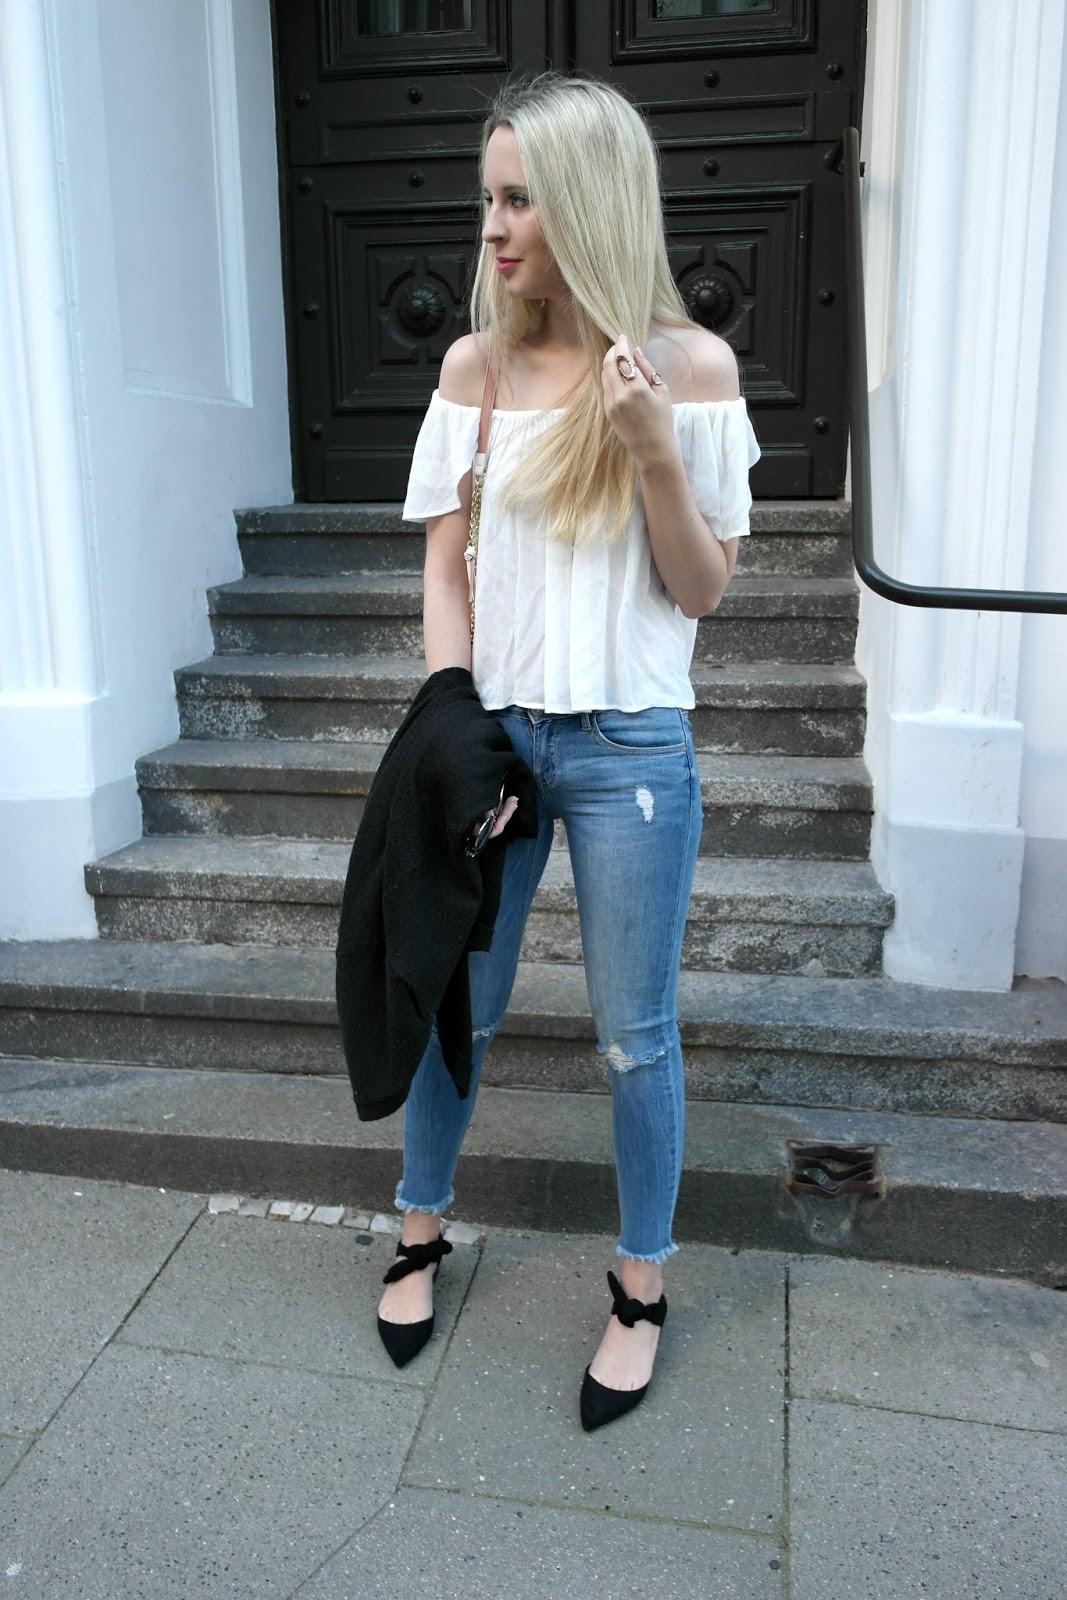 Austrian Fashionblog theblondejourney